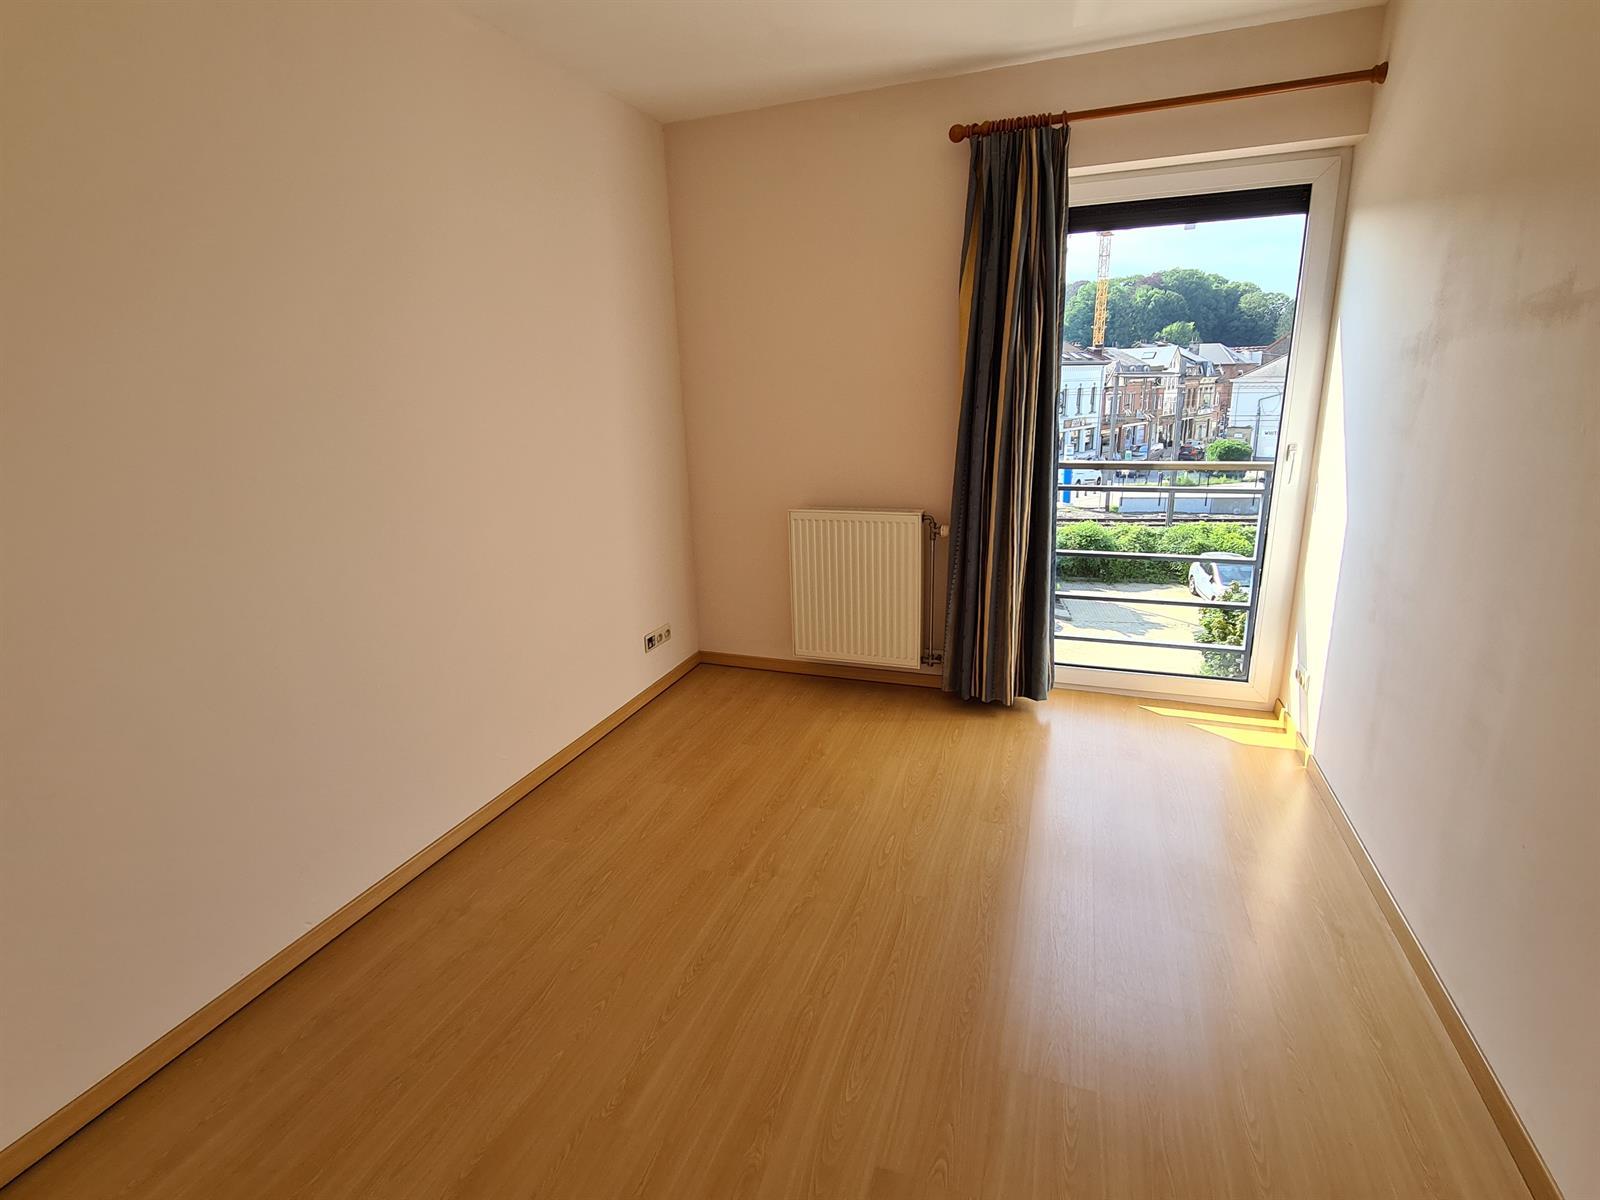 Appartement - Court-St.-Etienne - #4419026-6